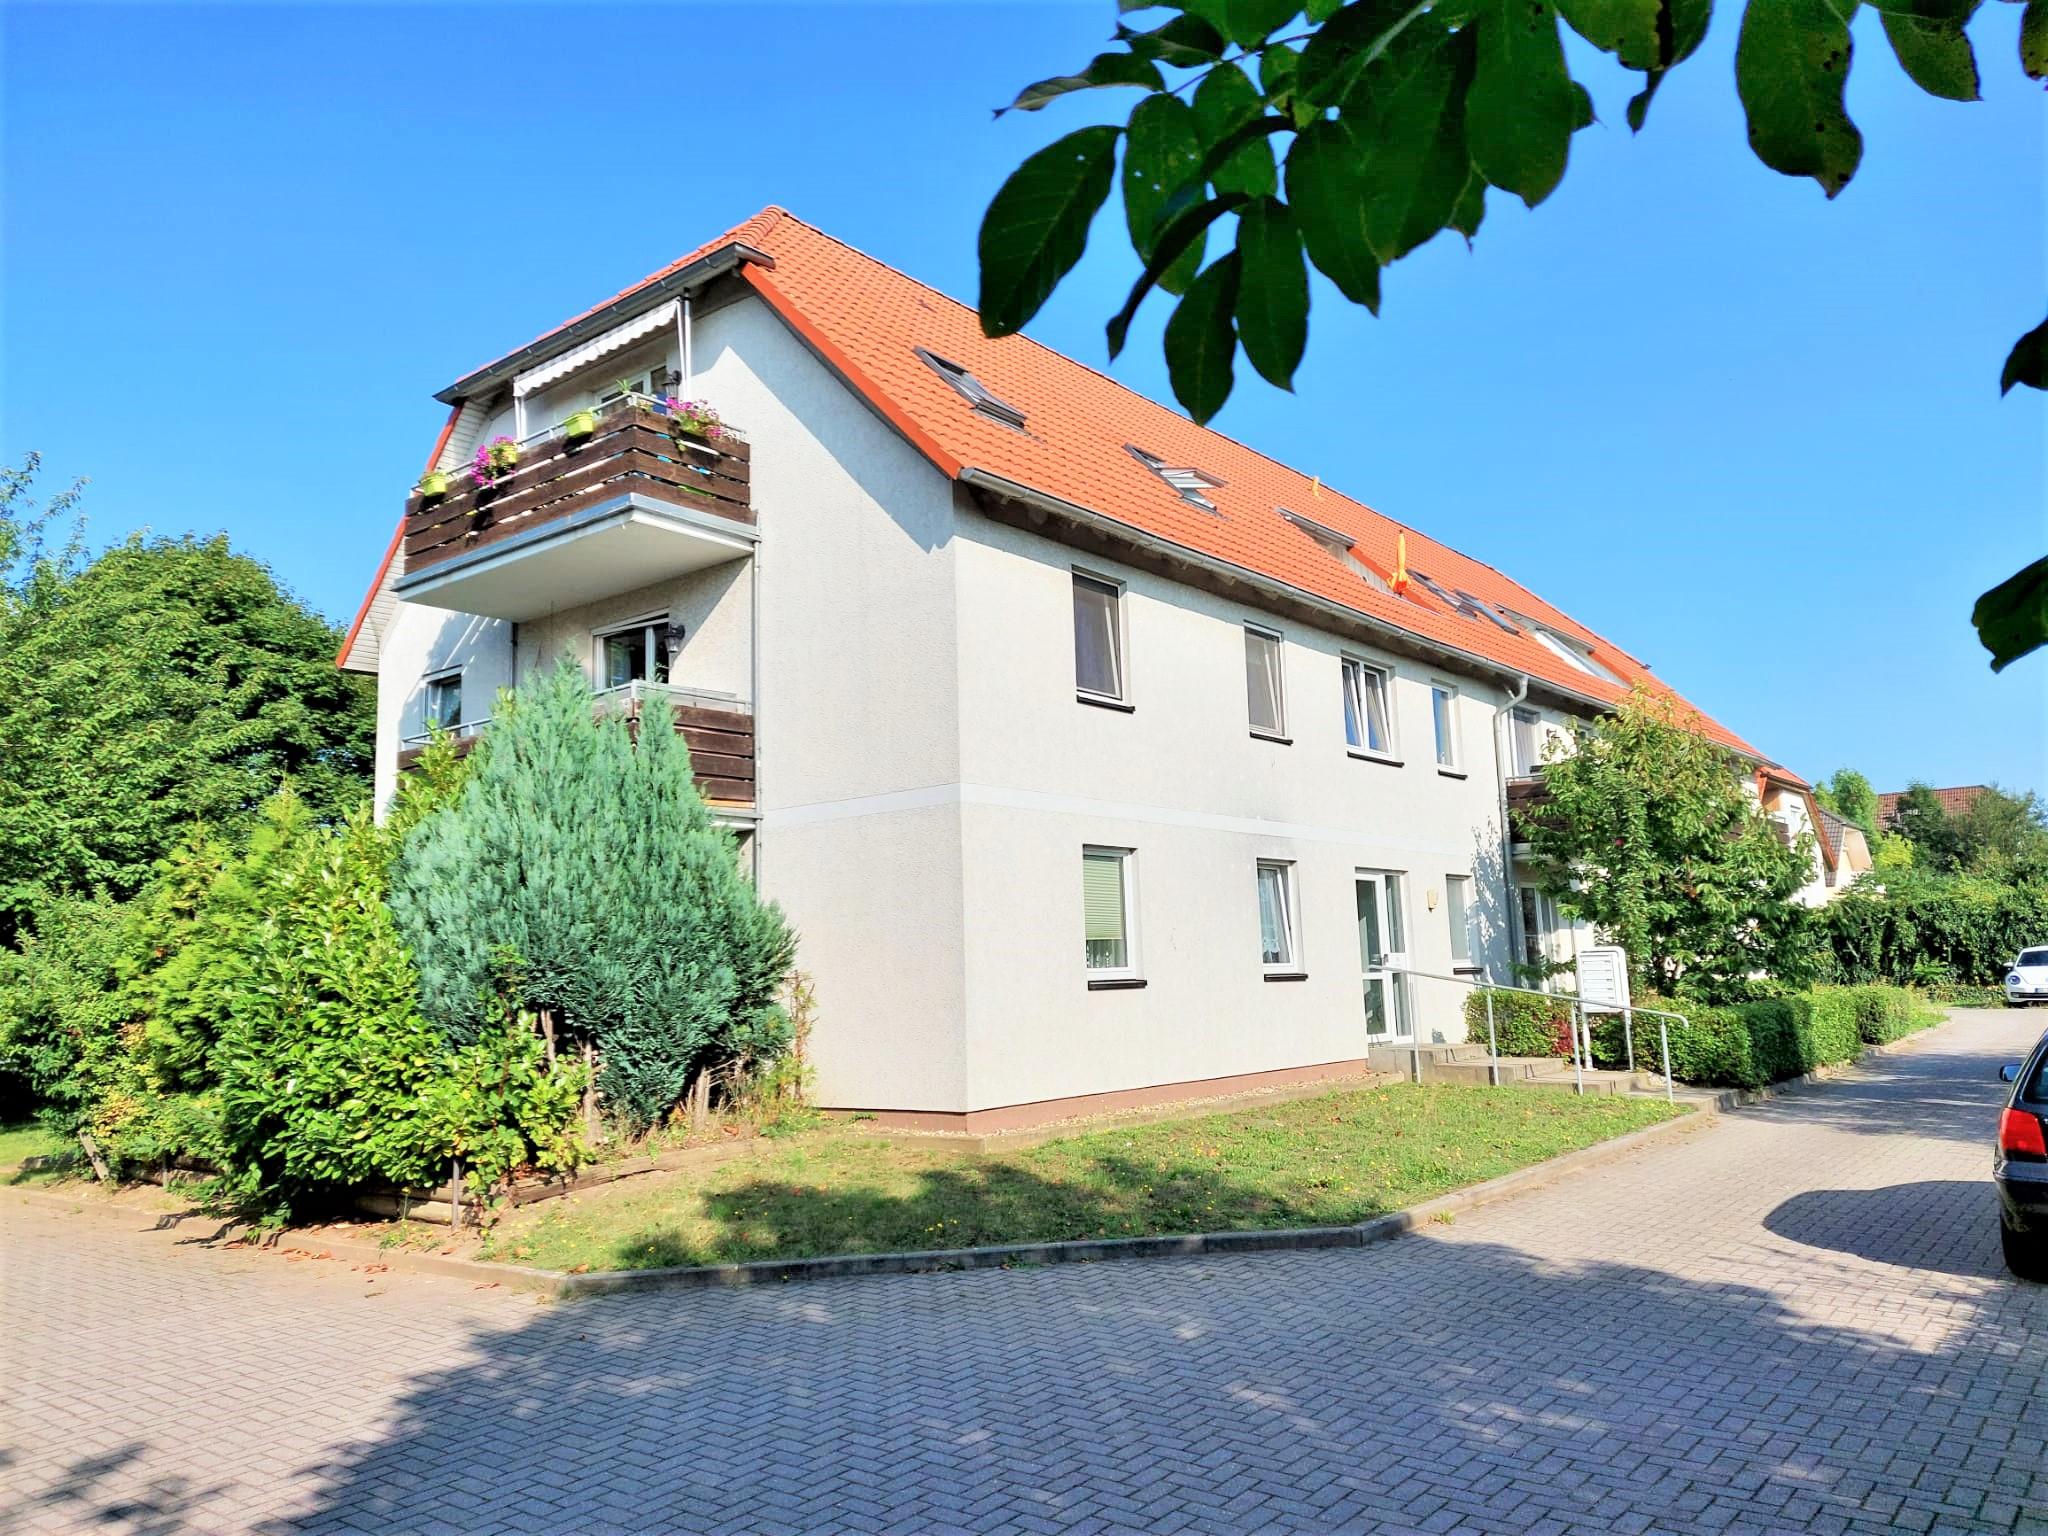 Wohnungspaket in Irxleben